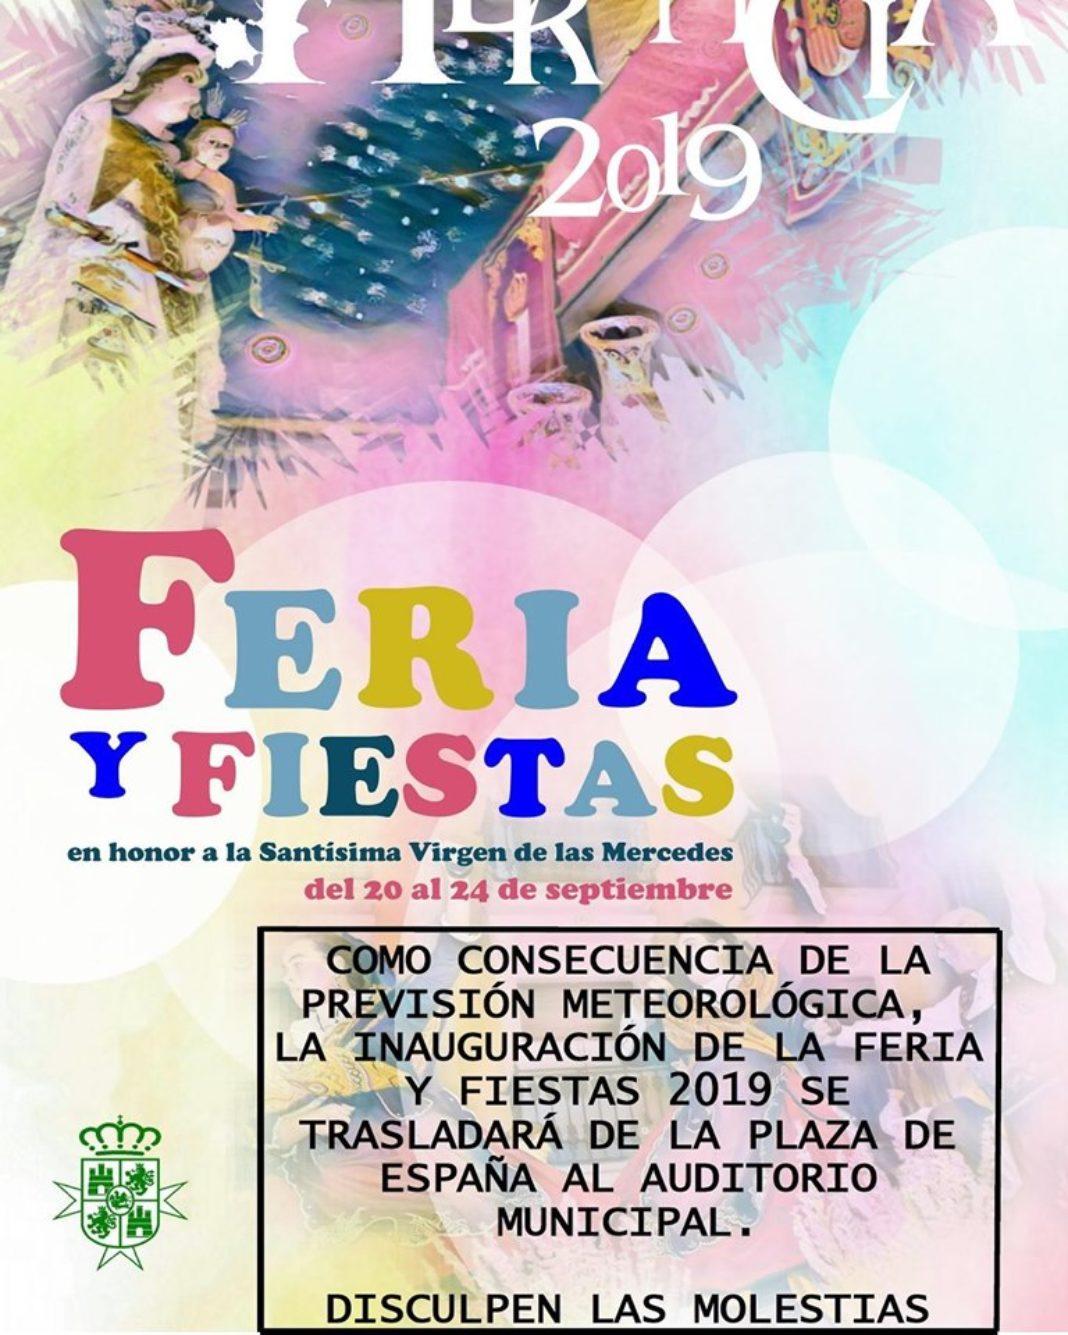 La previsión meteorológica condiciona el cambio de lugar de la inauguración de la Feria y Fiestas 2019 4